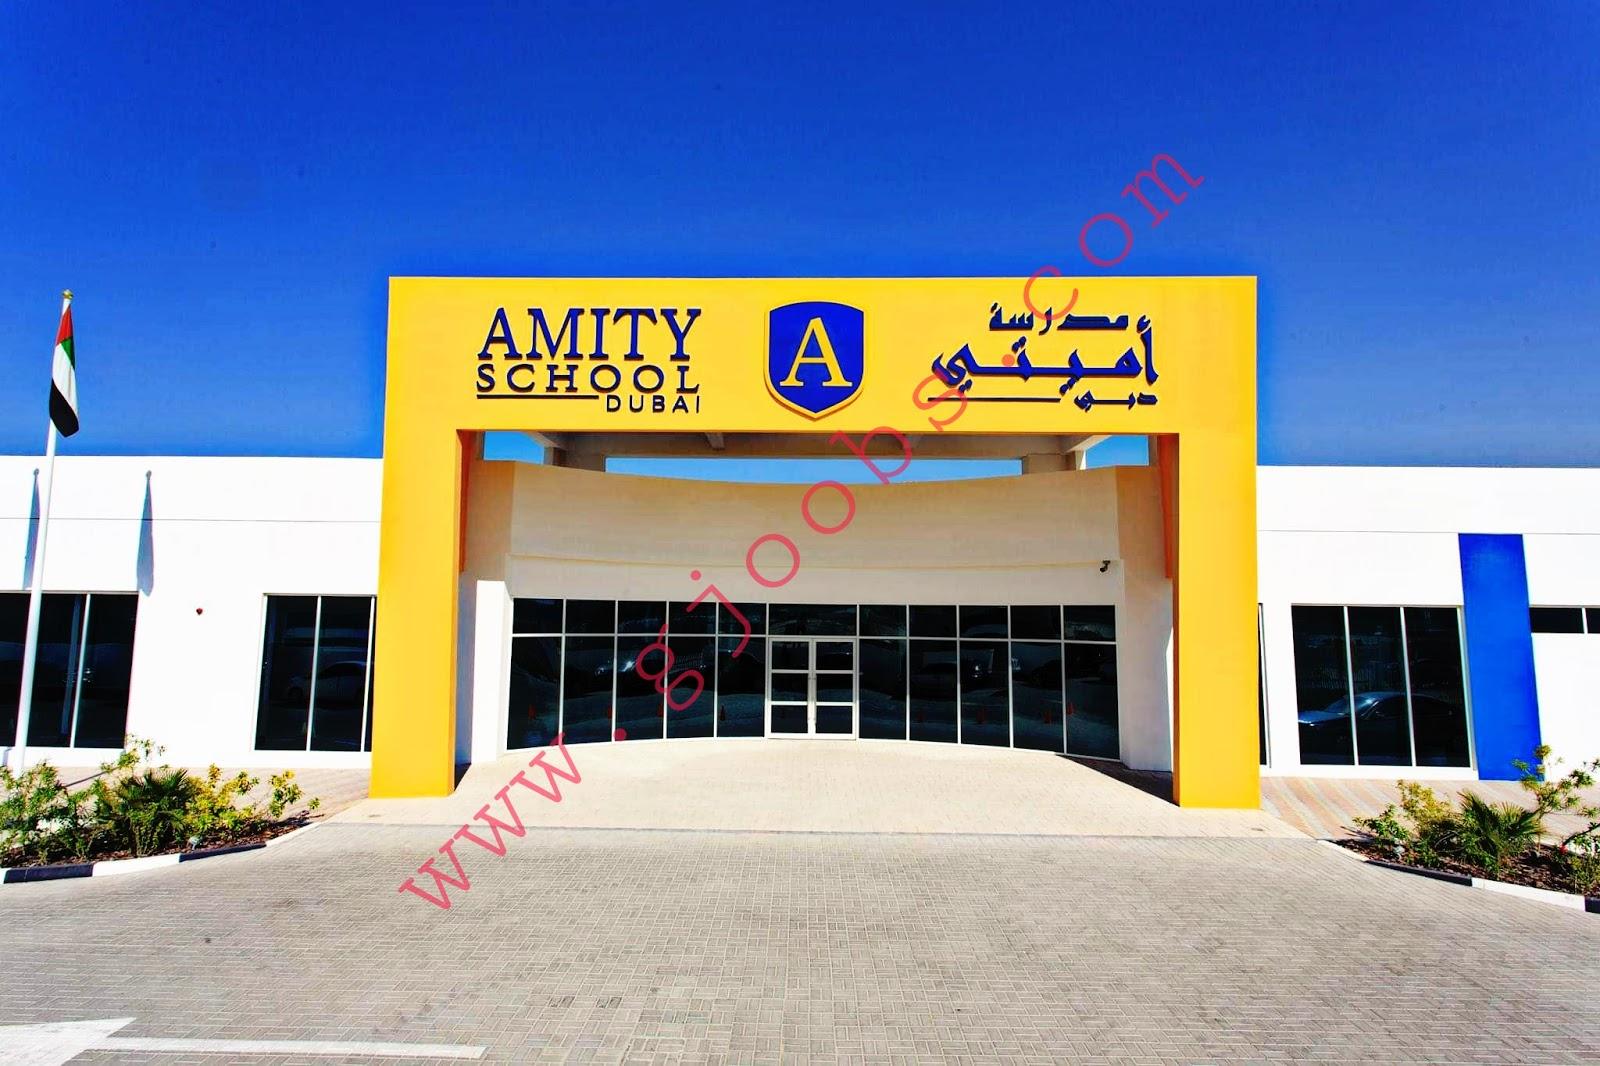 وظائف مدرسة أميتي التعليمية الشاغرة بأبوظبي